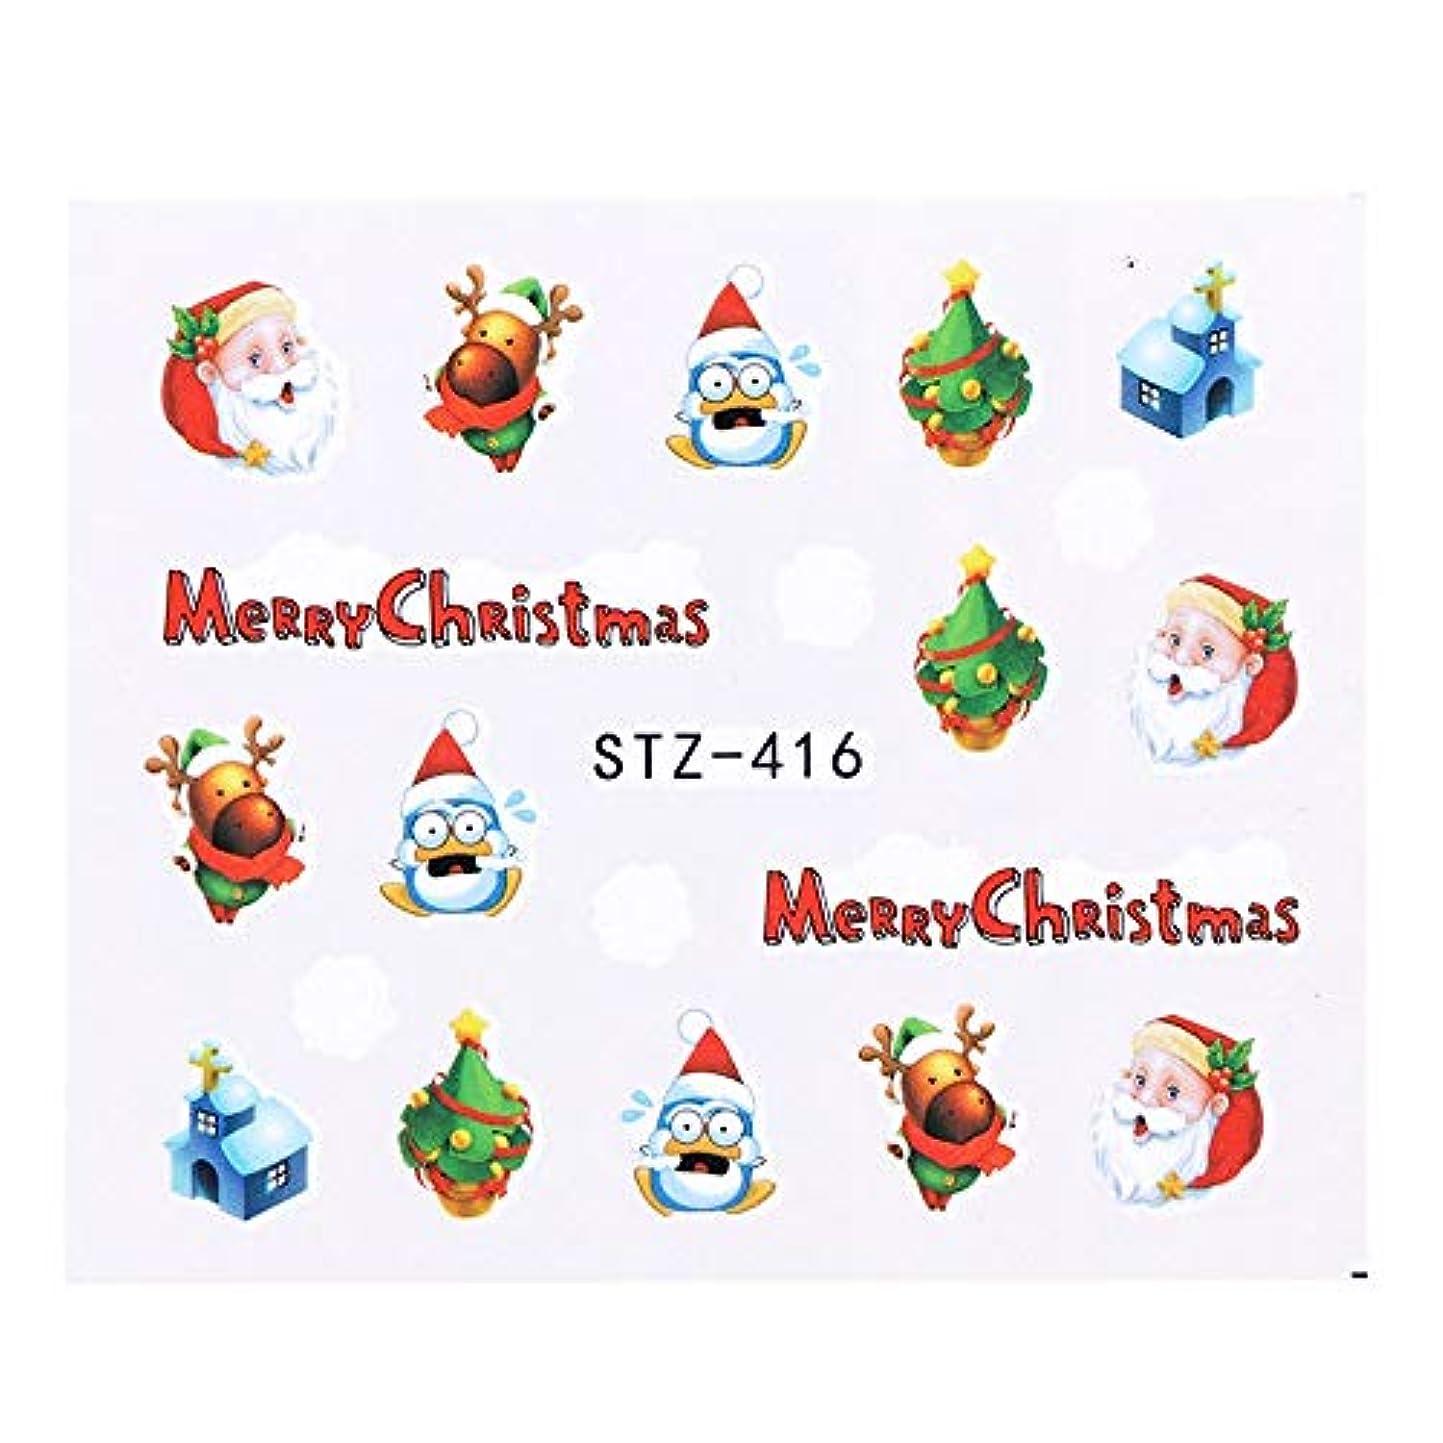 ペストリー渇き高原1シートクリスマスネイルアートウォーターステッカー漫画ヘラジカ雪だるまフルカバースライダーのヒントポーランドゲルジェルネイル装飾SASTZ405-438 STZ416